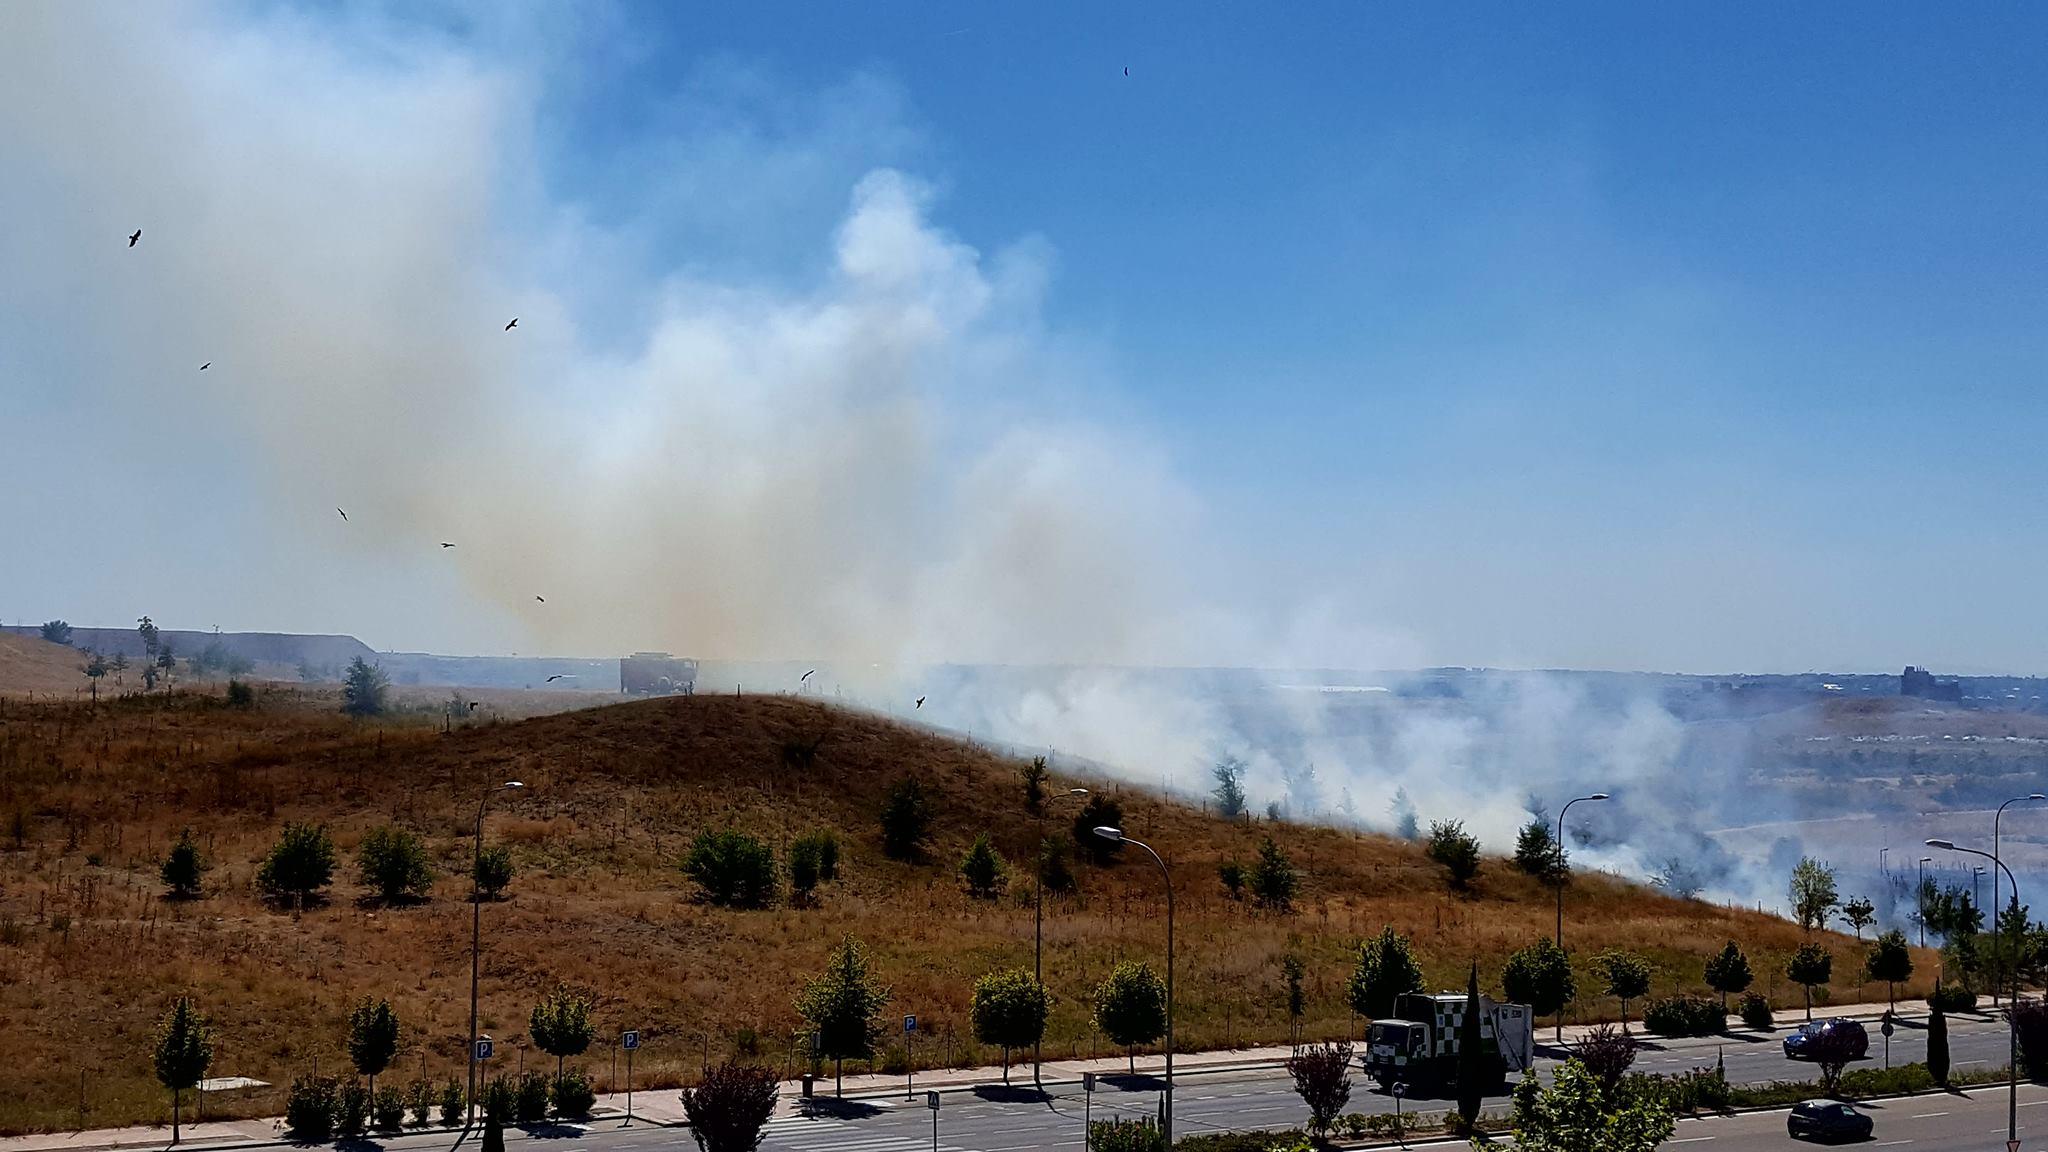 Fuego en La Gavia (Foto: Edivaldo De Oliveira Martucho)